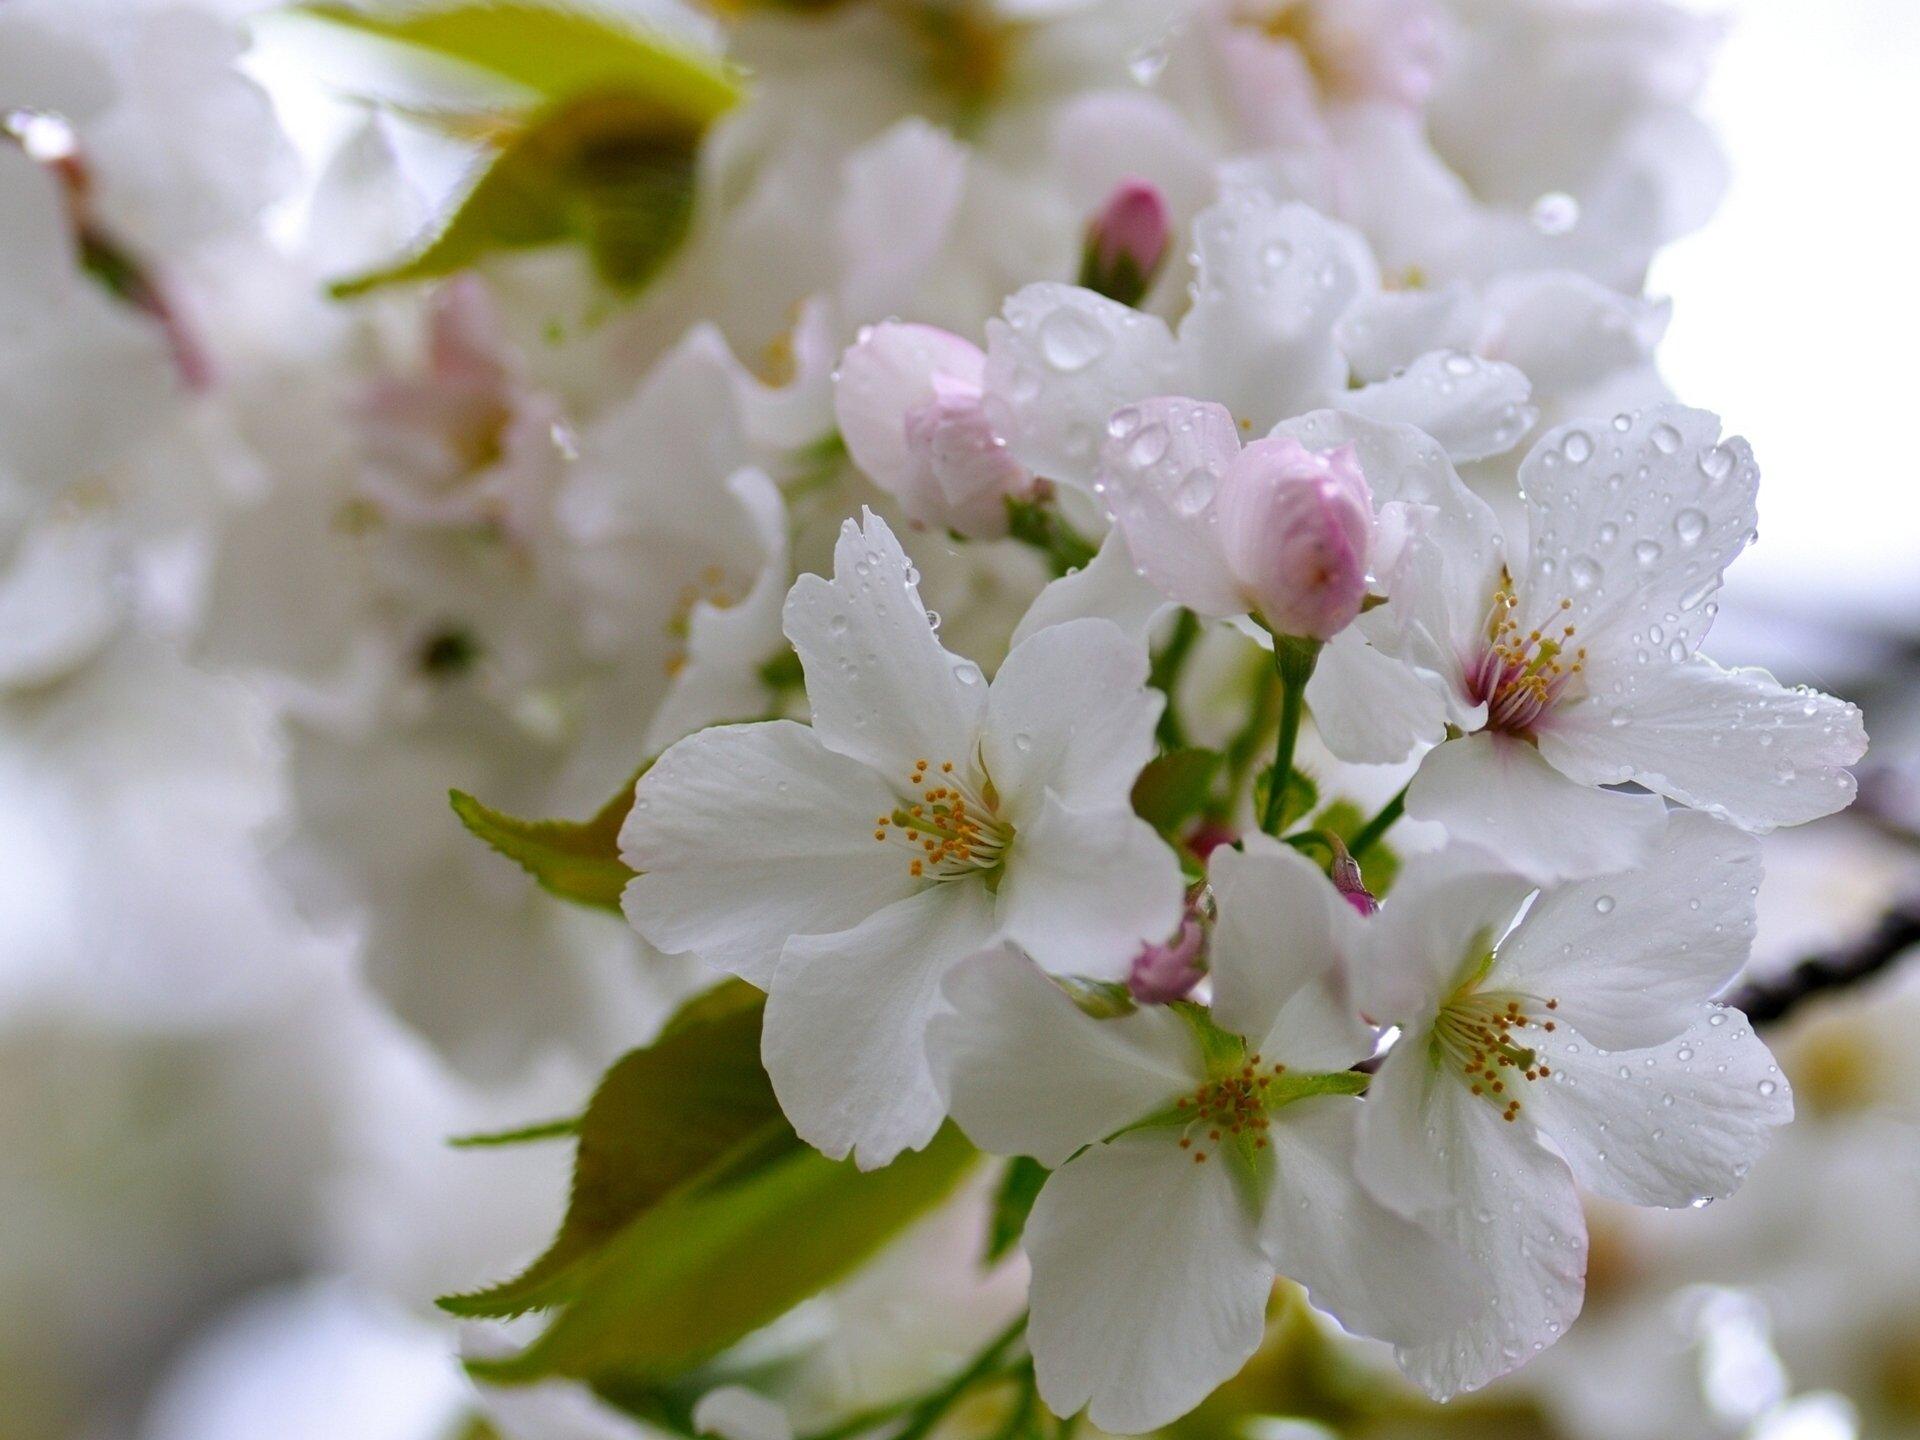 вишня цветение  № 2767238 загрузить